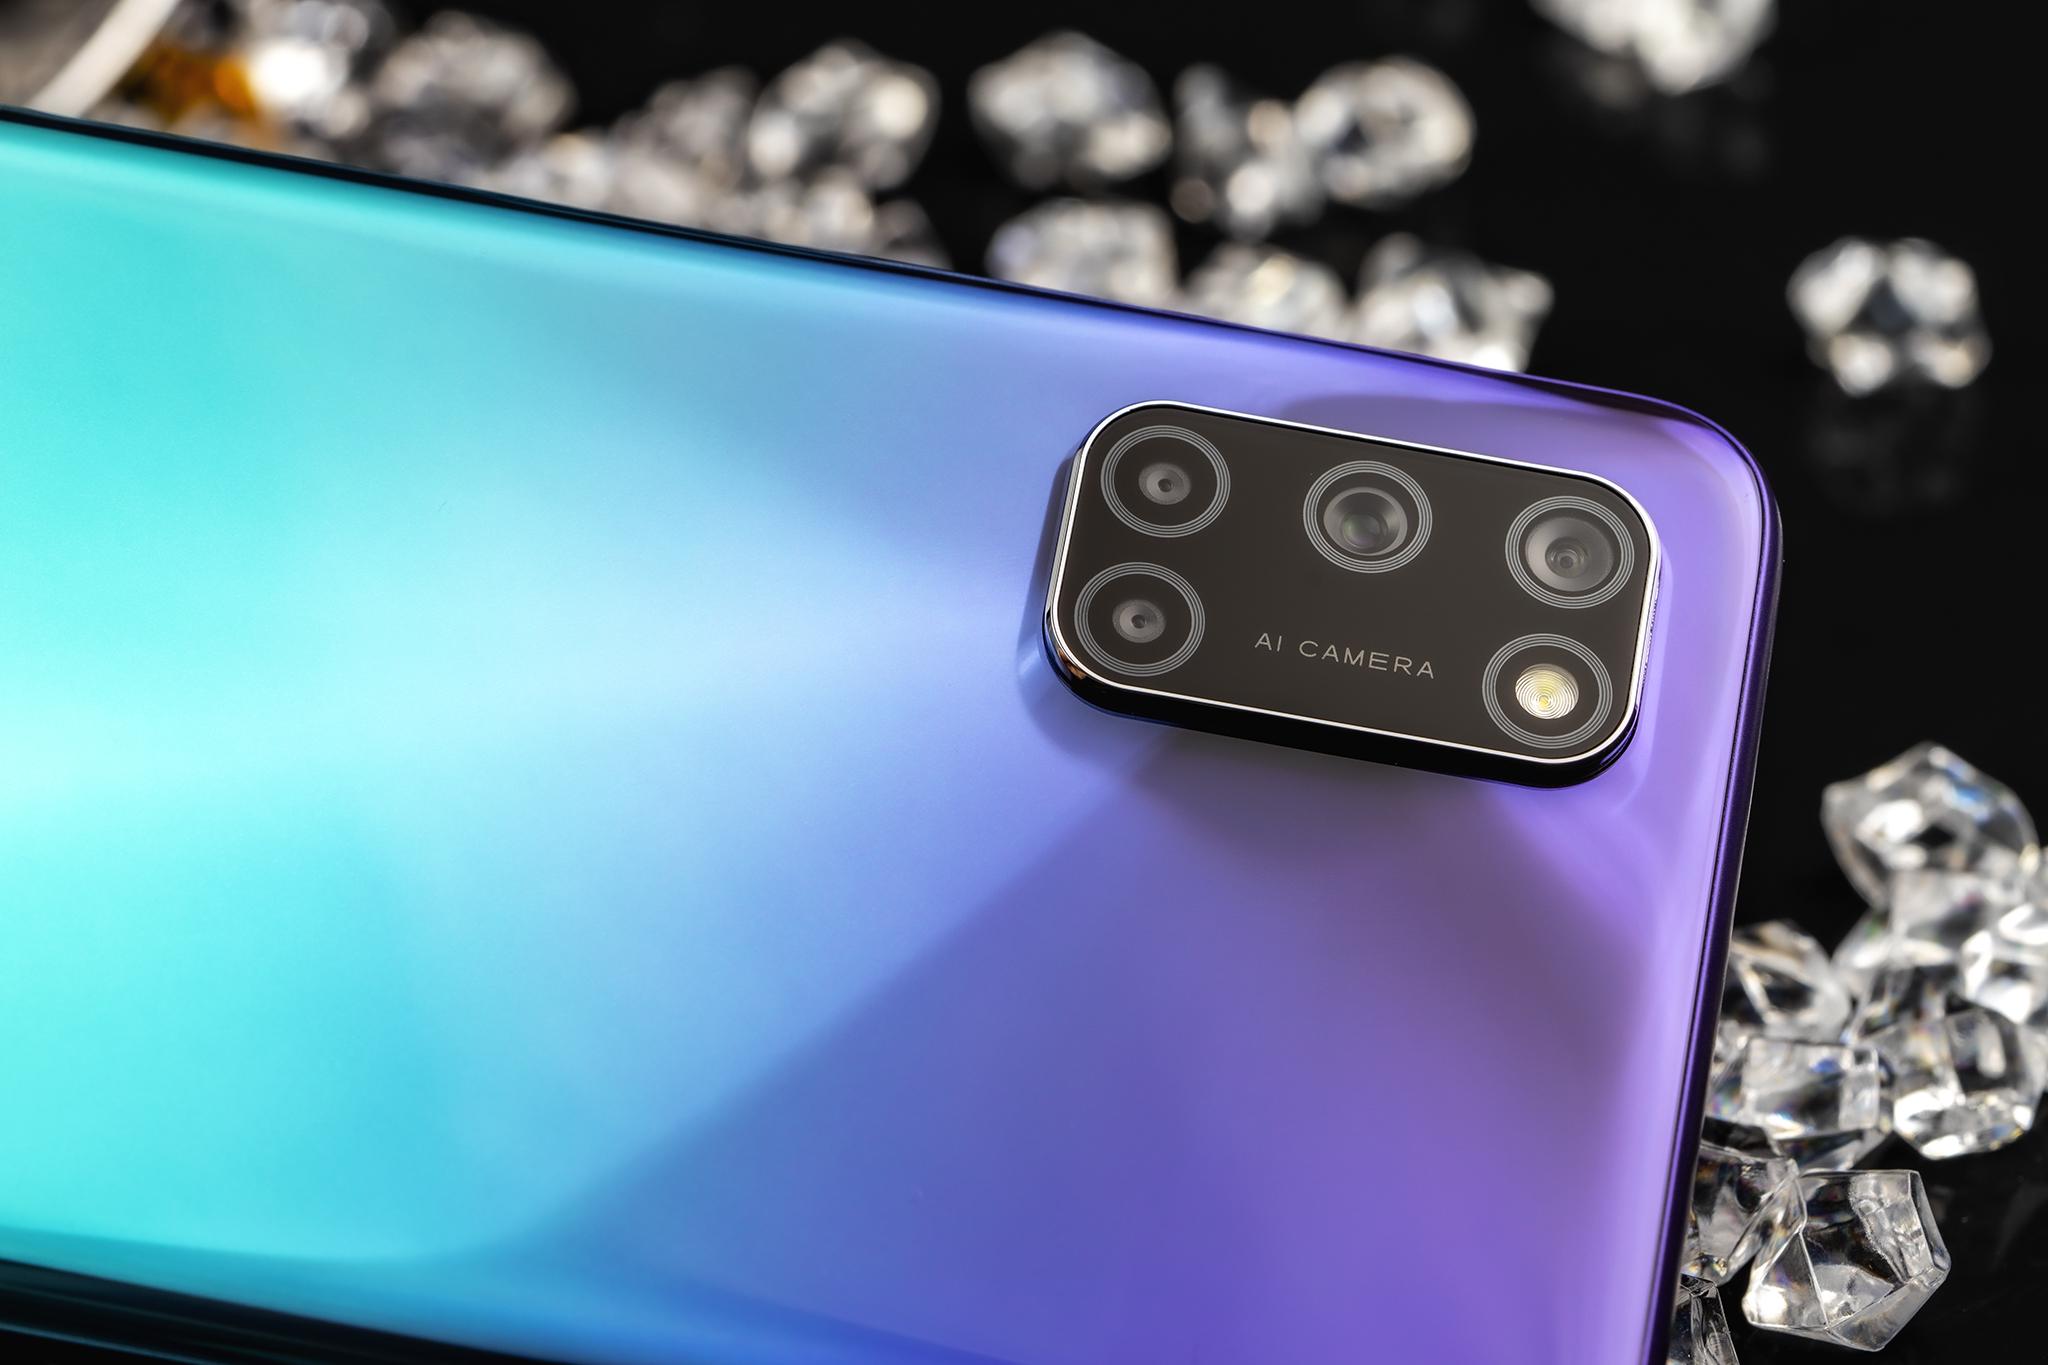 OPPO A92 thêm màu Tím Cá Tính, ghi điểm mạnh phân khúc điện thoại chụp ảnh đẹp dưới 7 triệu đồng - Ảnh 1.